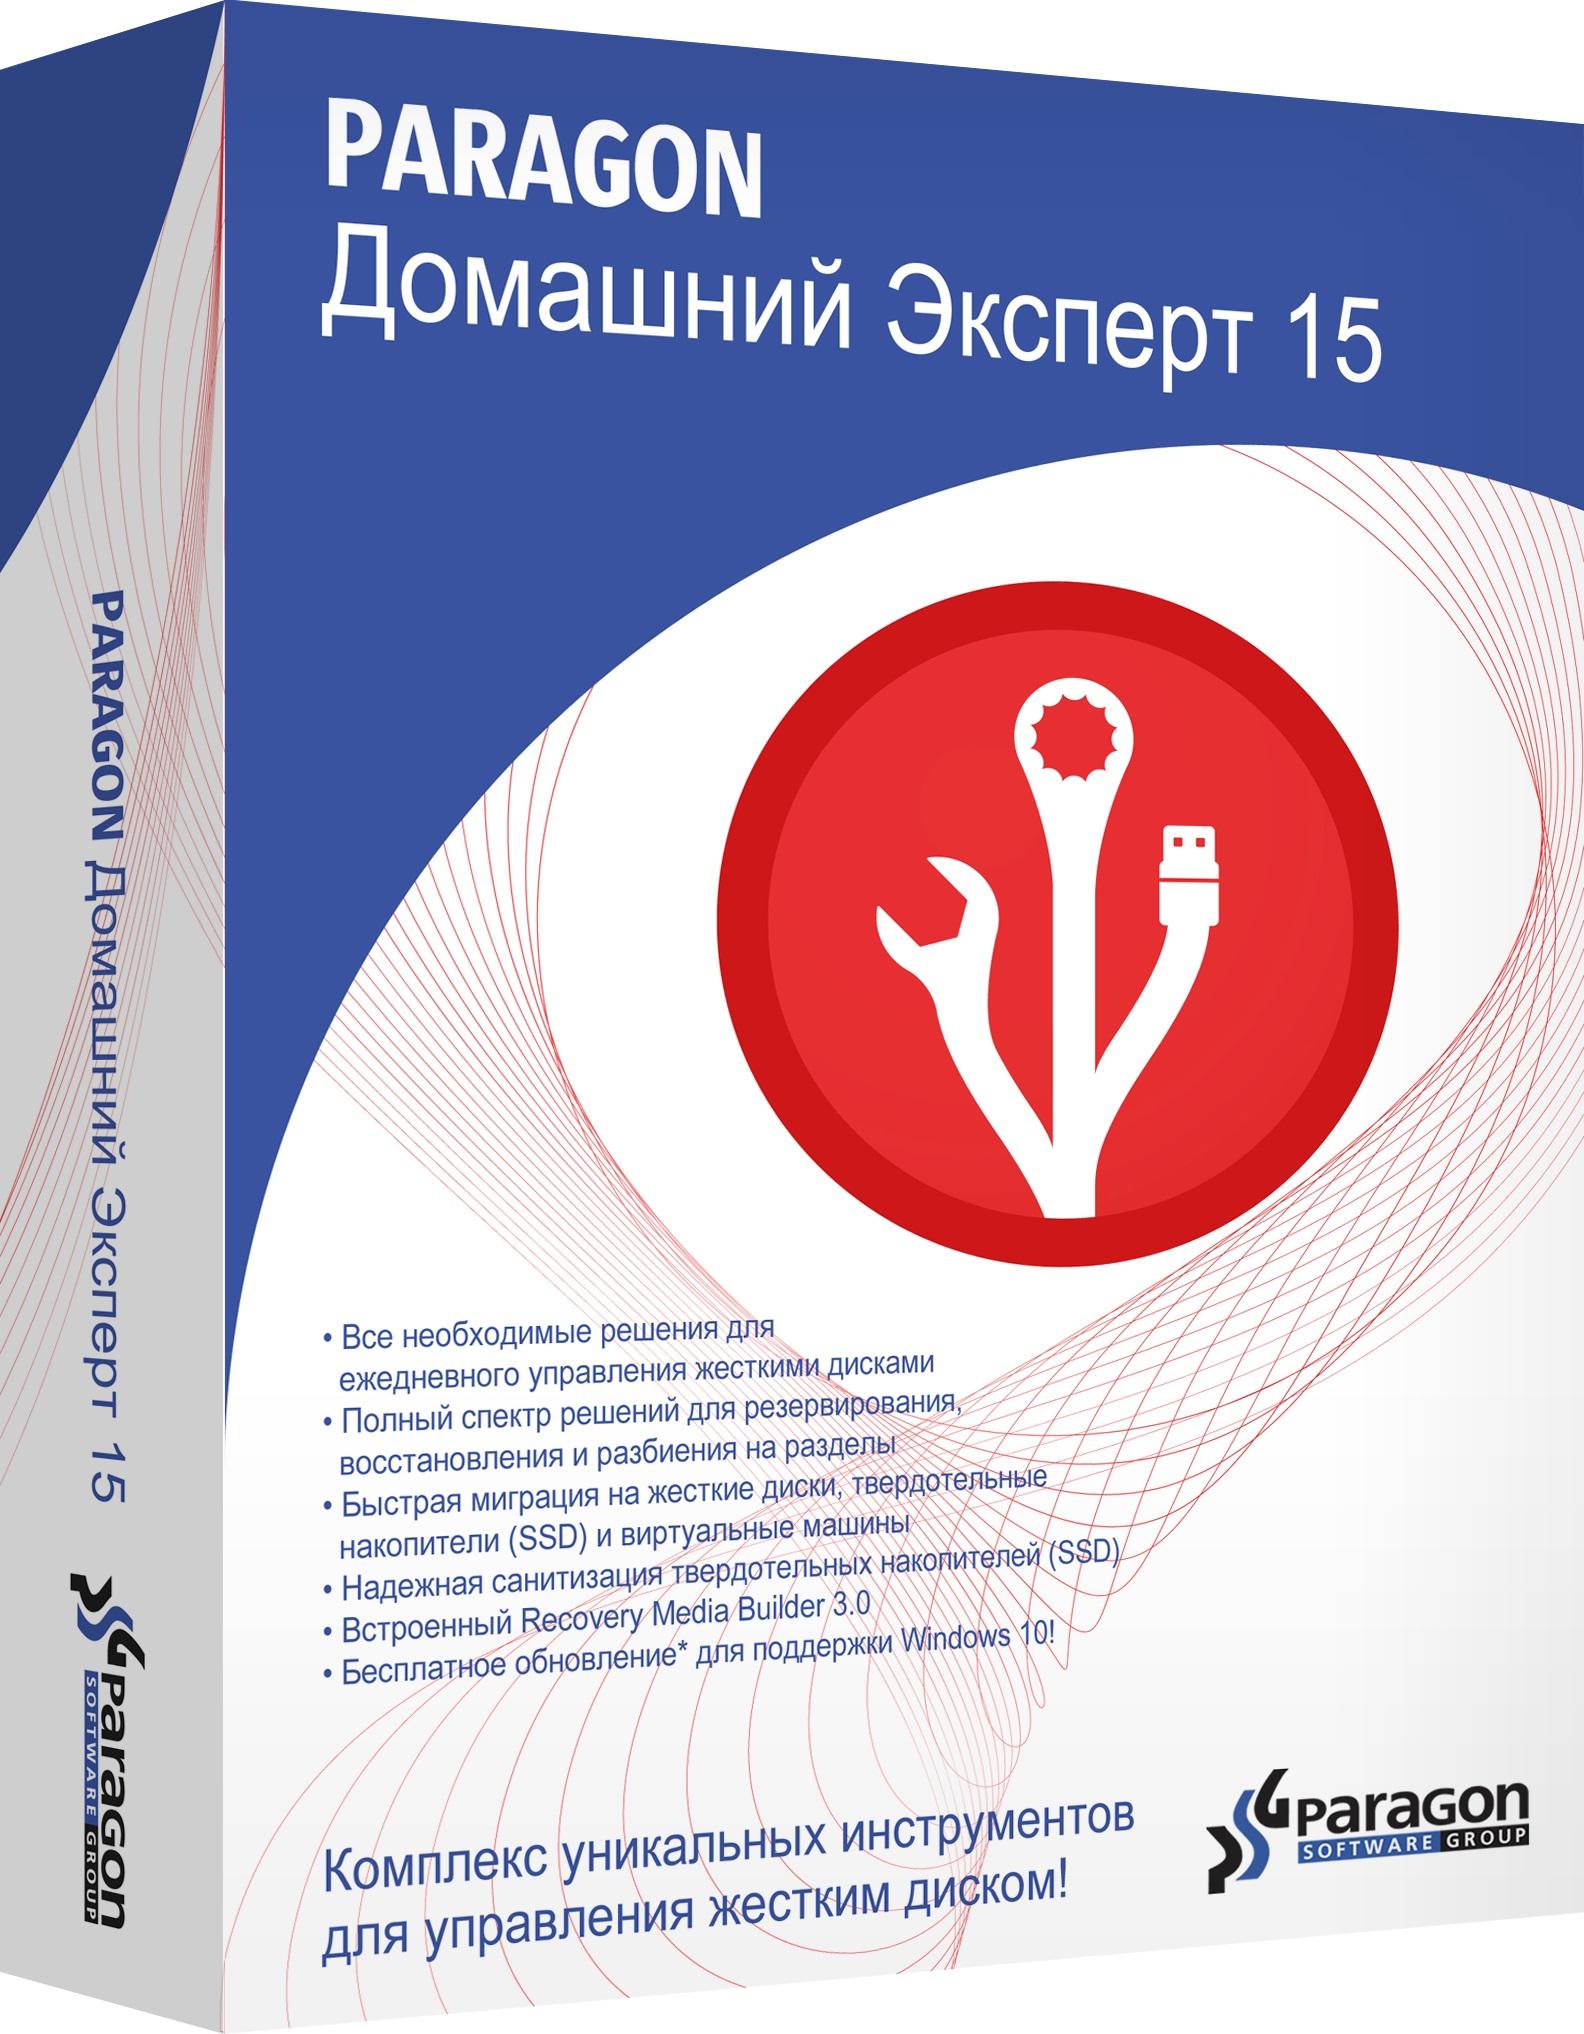 Paragon. Домашний Эксперт 15 (Цифровая версия)Paragon. Домашний Эксперт 15 – идеальное решение для эффективного управления данными и устройствами хранения.<br>